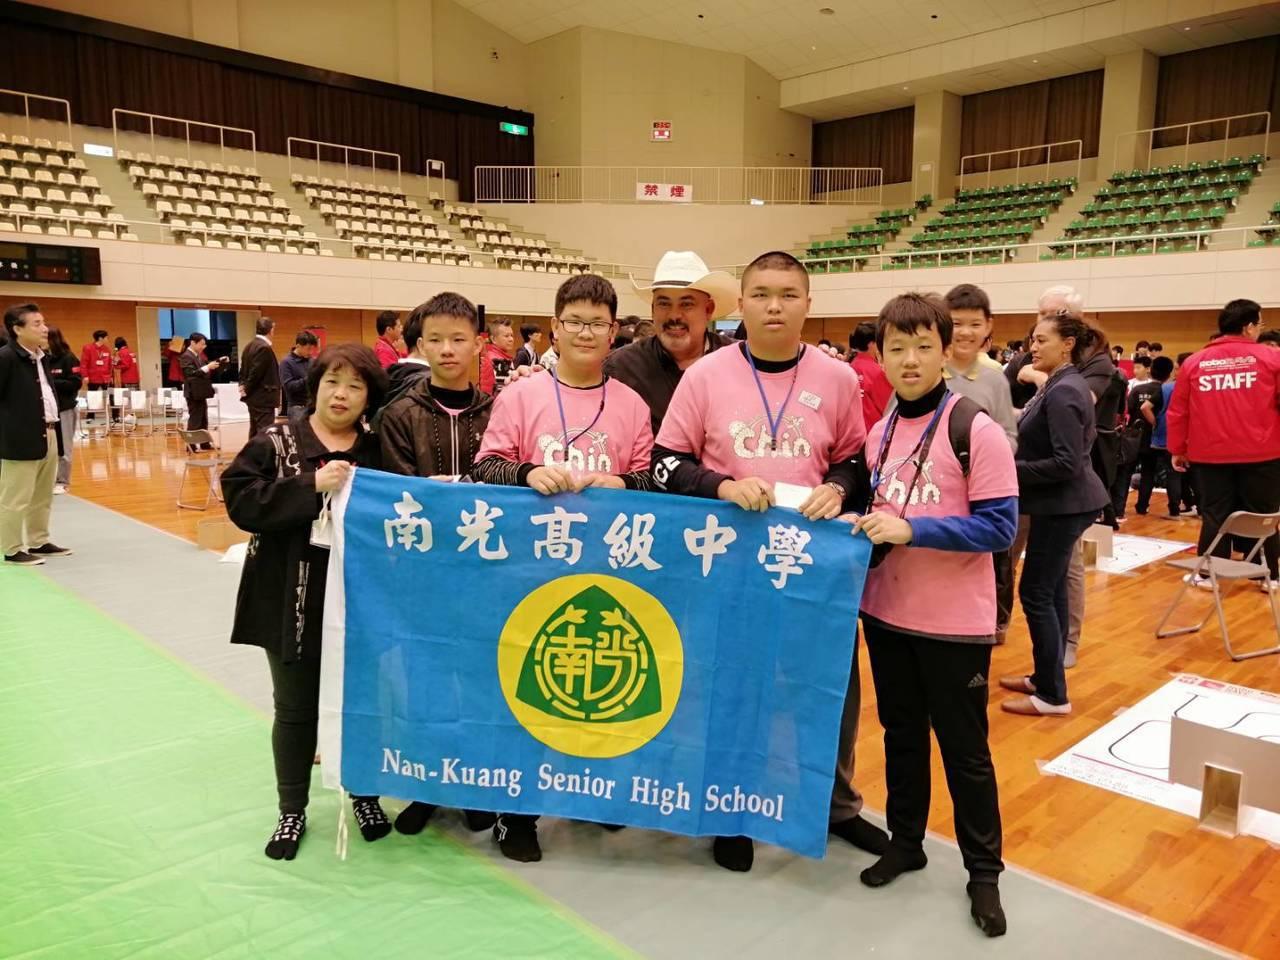 組隊赴日參加RoboRAVE機器人大賽,南光中學摘下第二名殊榮。圖/學校提供